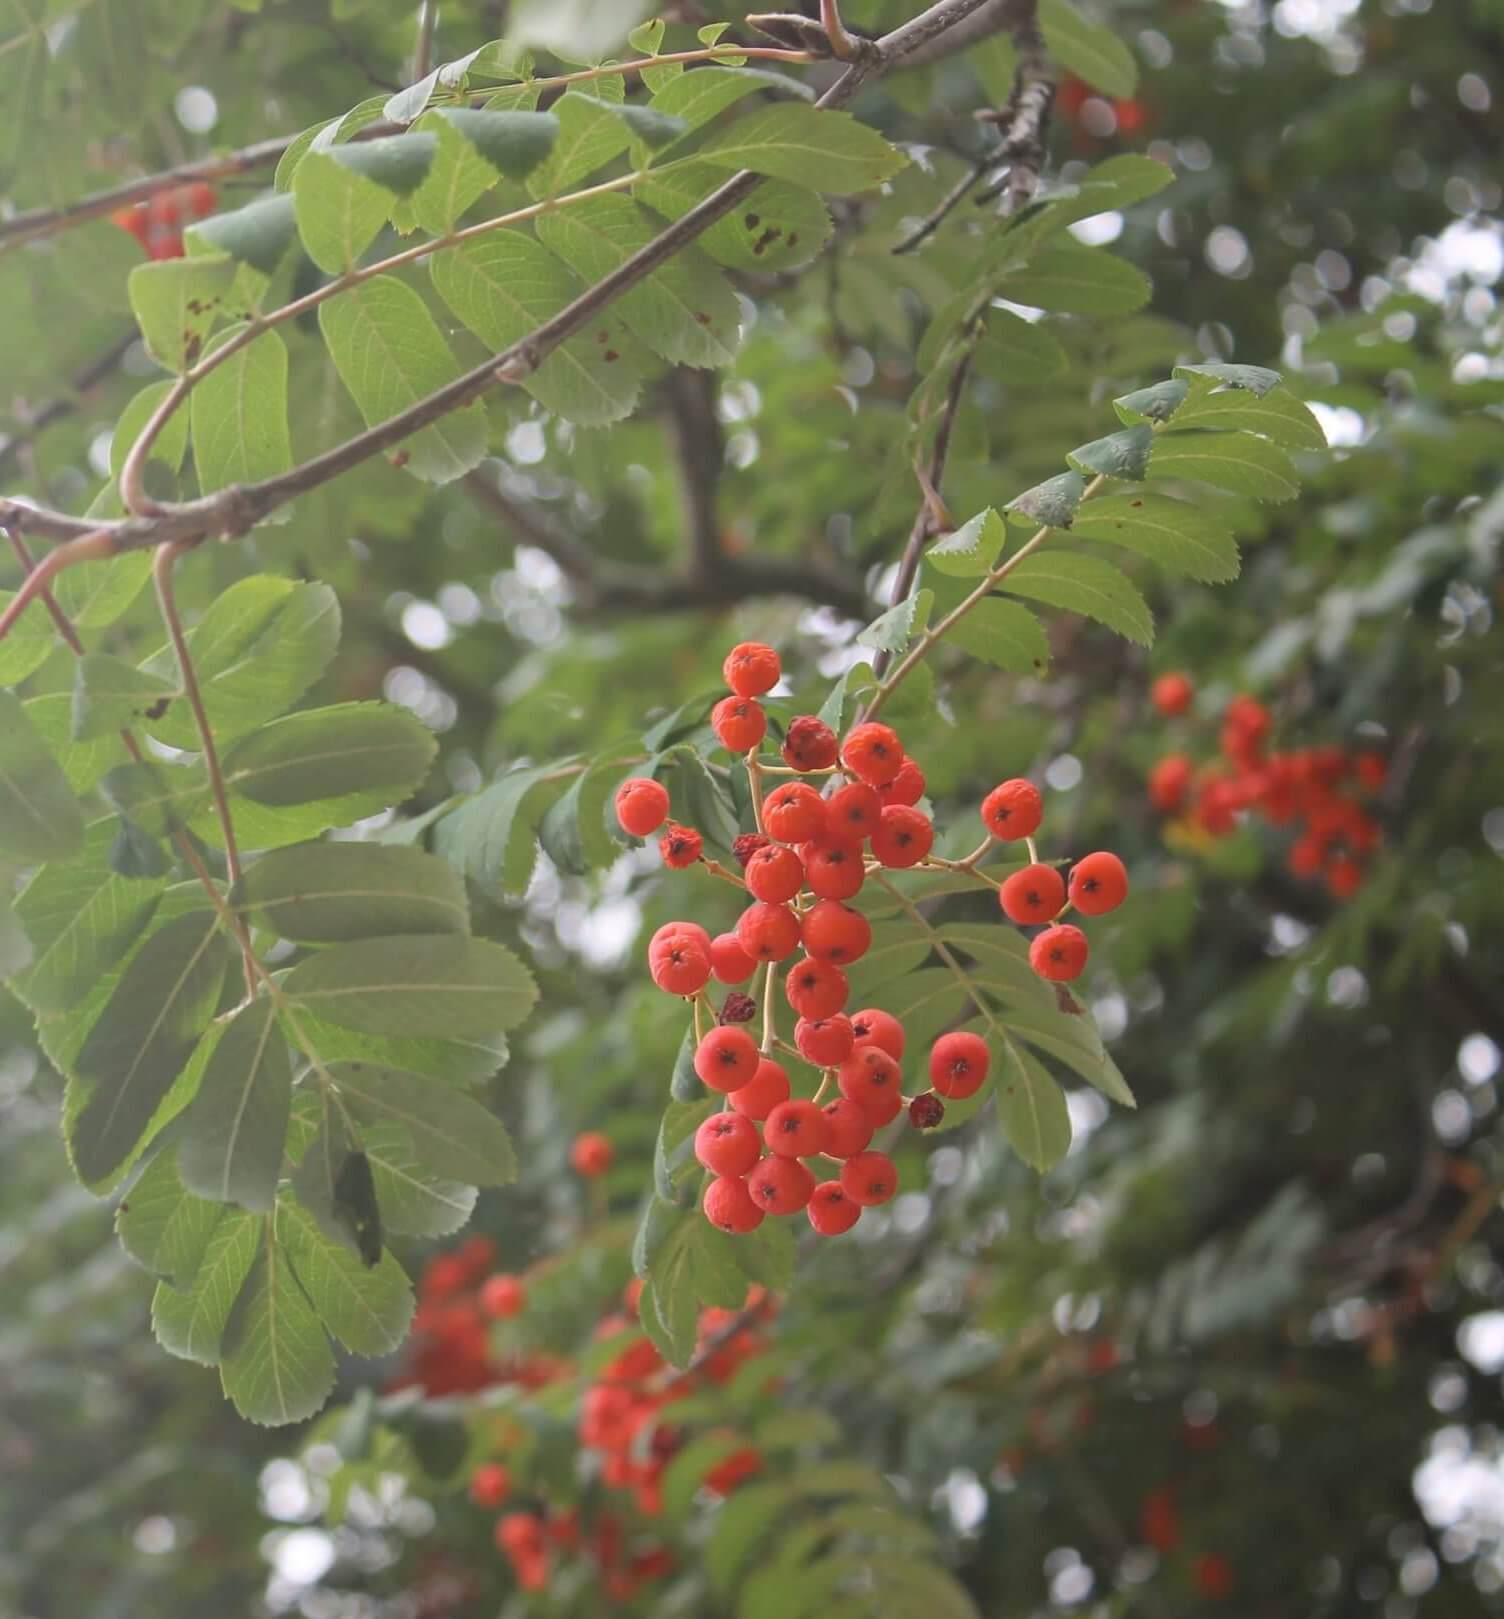 Das Bild zeigt die Rispen mit den kleinen roten Apfelfrüchten an einer Eberesche oder Vogelbeere in einem Innenhof-Areal im Kosmosviertel.